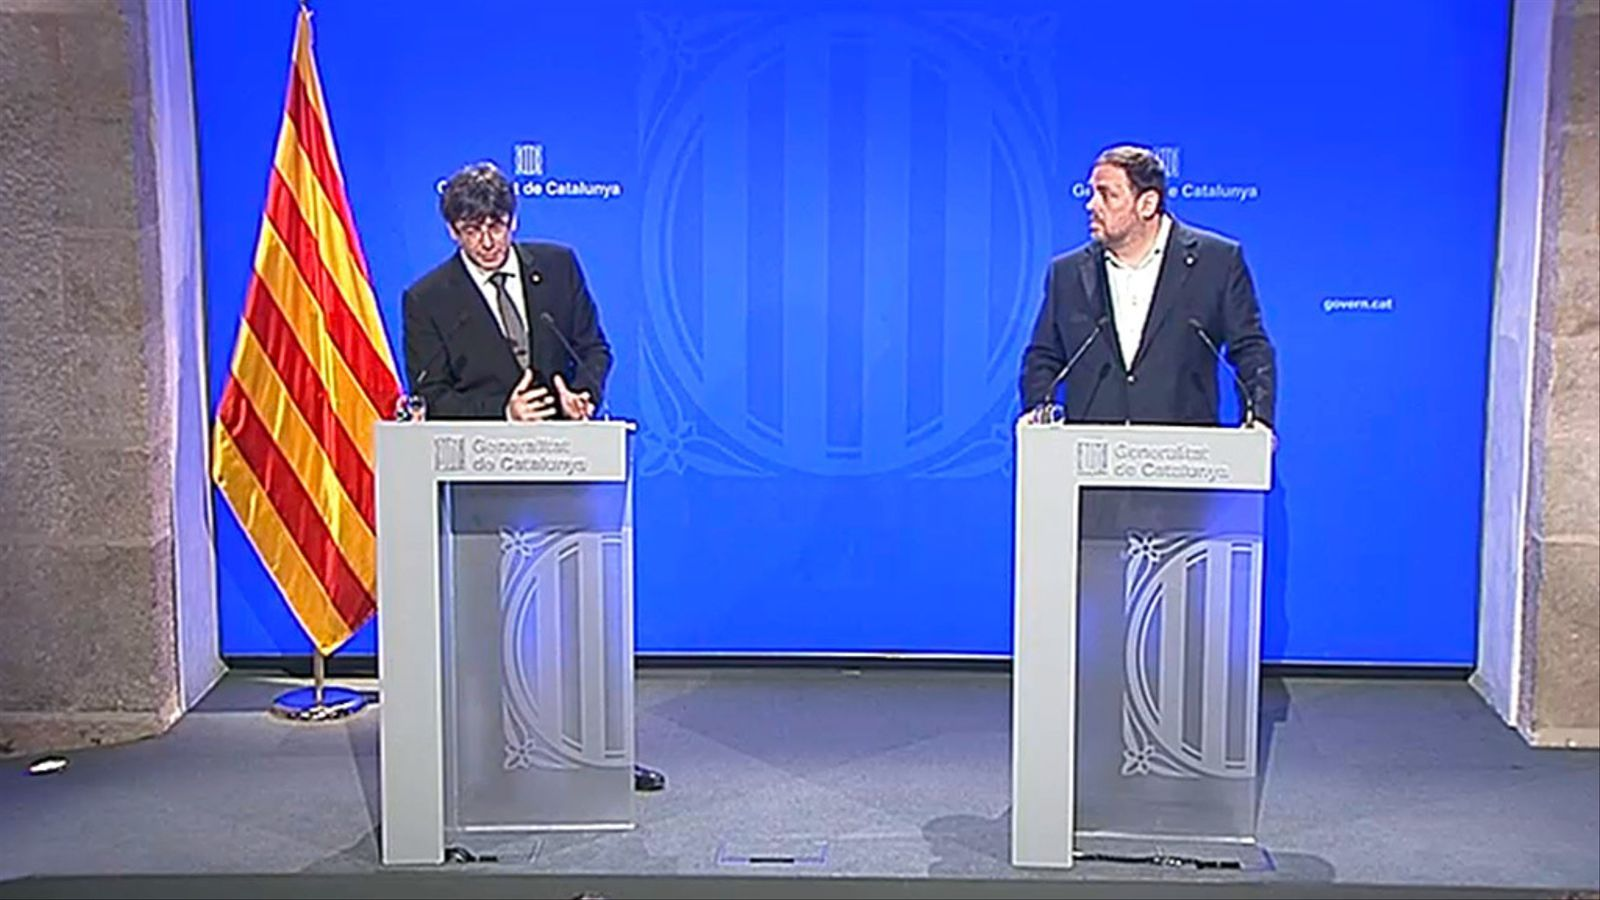 L'anàlisi d'Antoni Bassas: 'Crisi de govern, estat d'excepció'